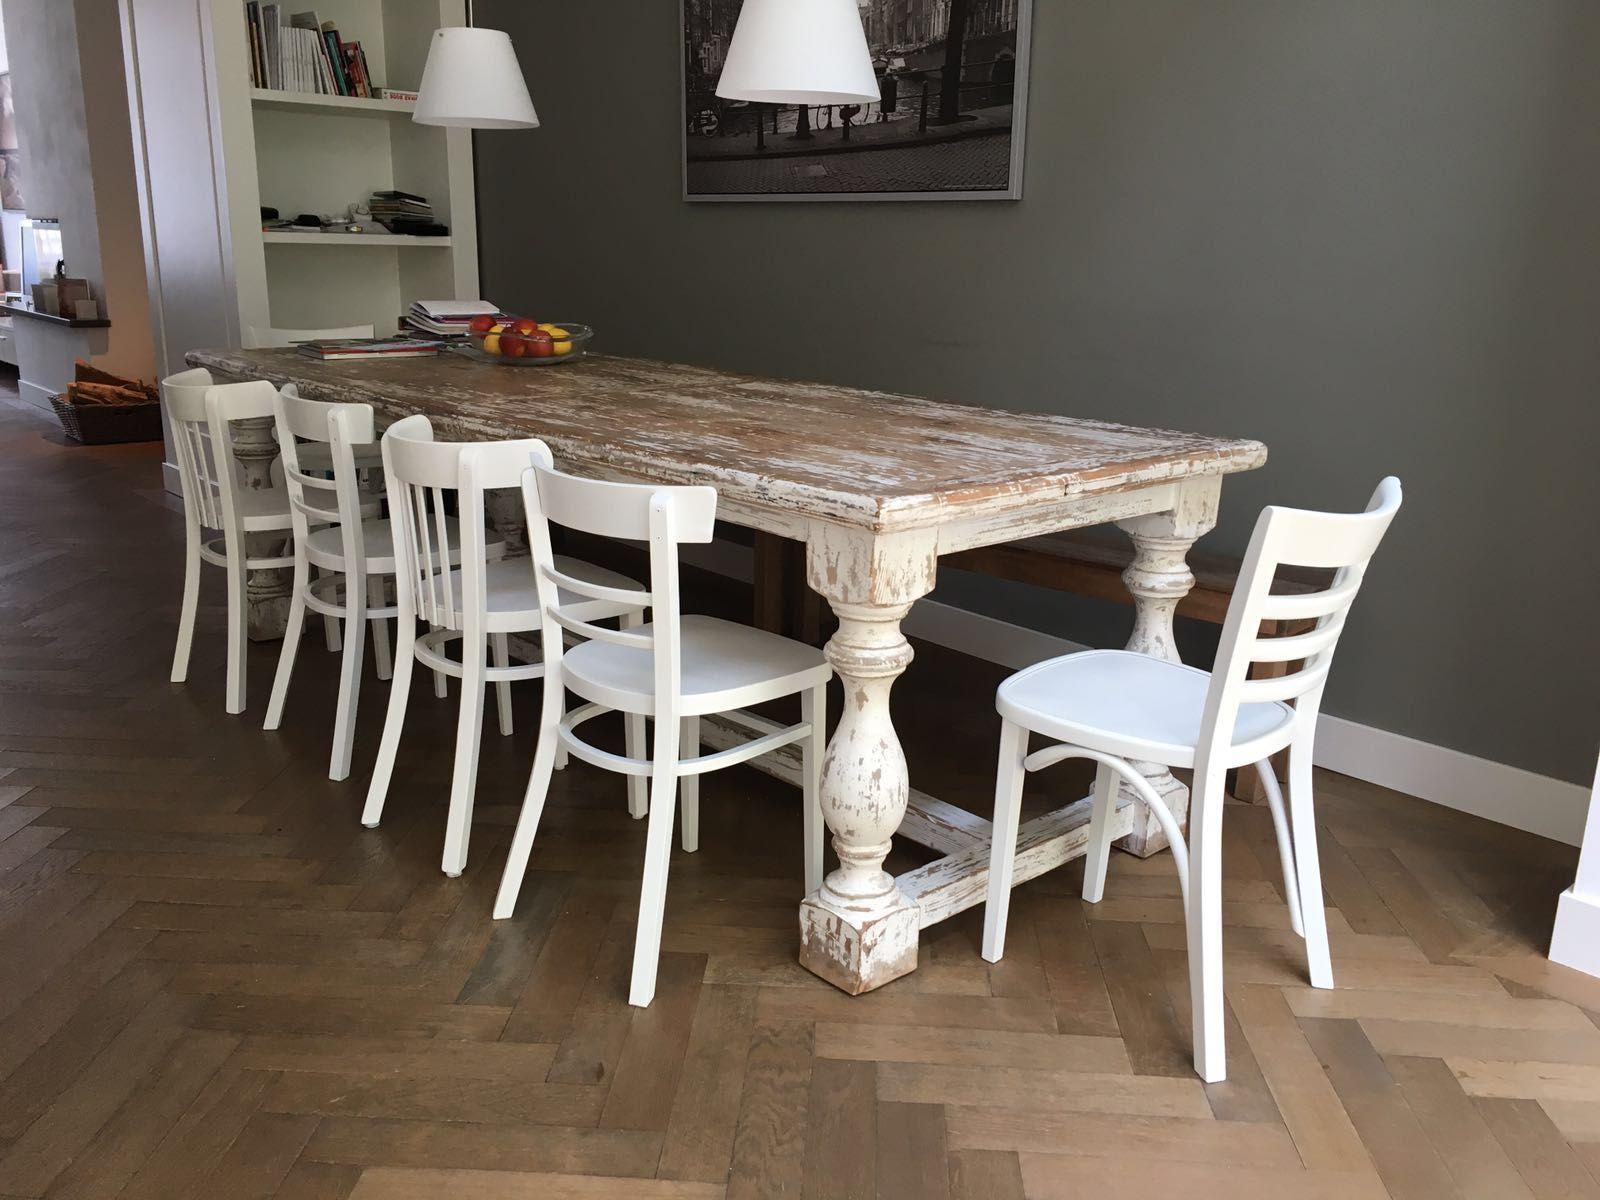 Moderne Keukentafels En Stoelen.Moderne Keukentafels En Stoelen Mix En Match Witte Eetkamerstoelen